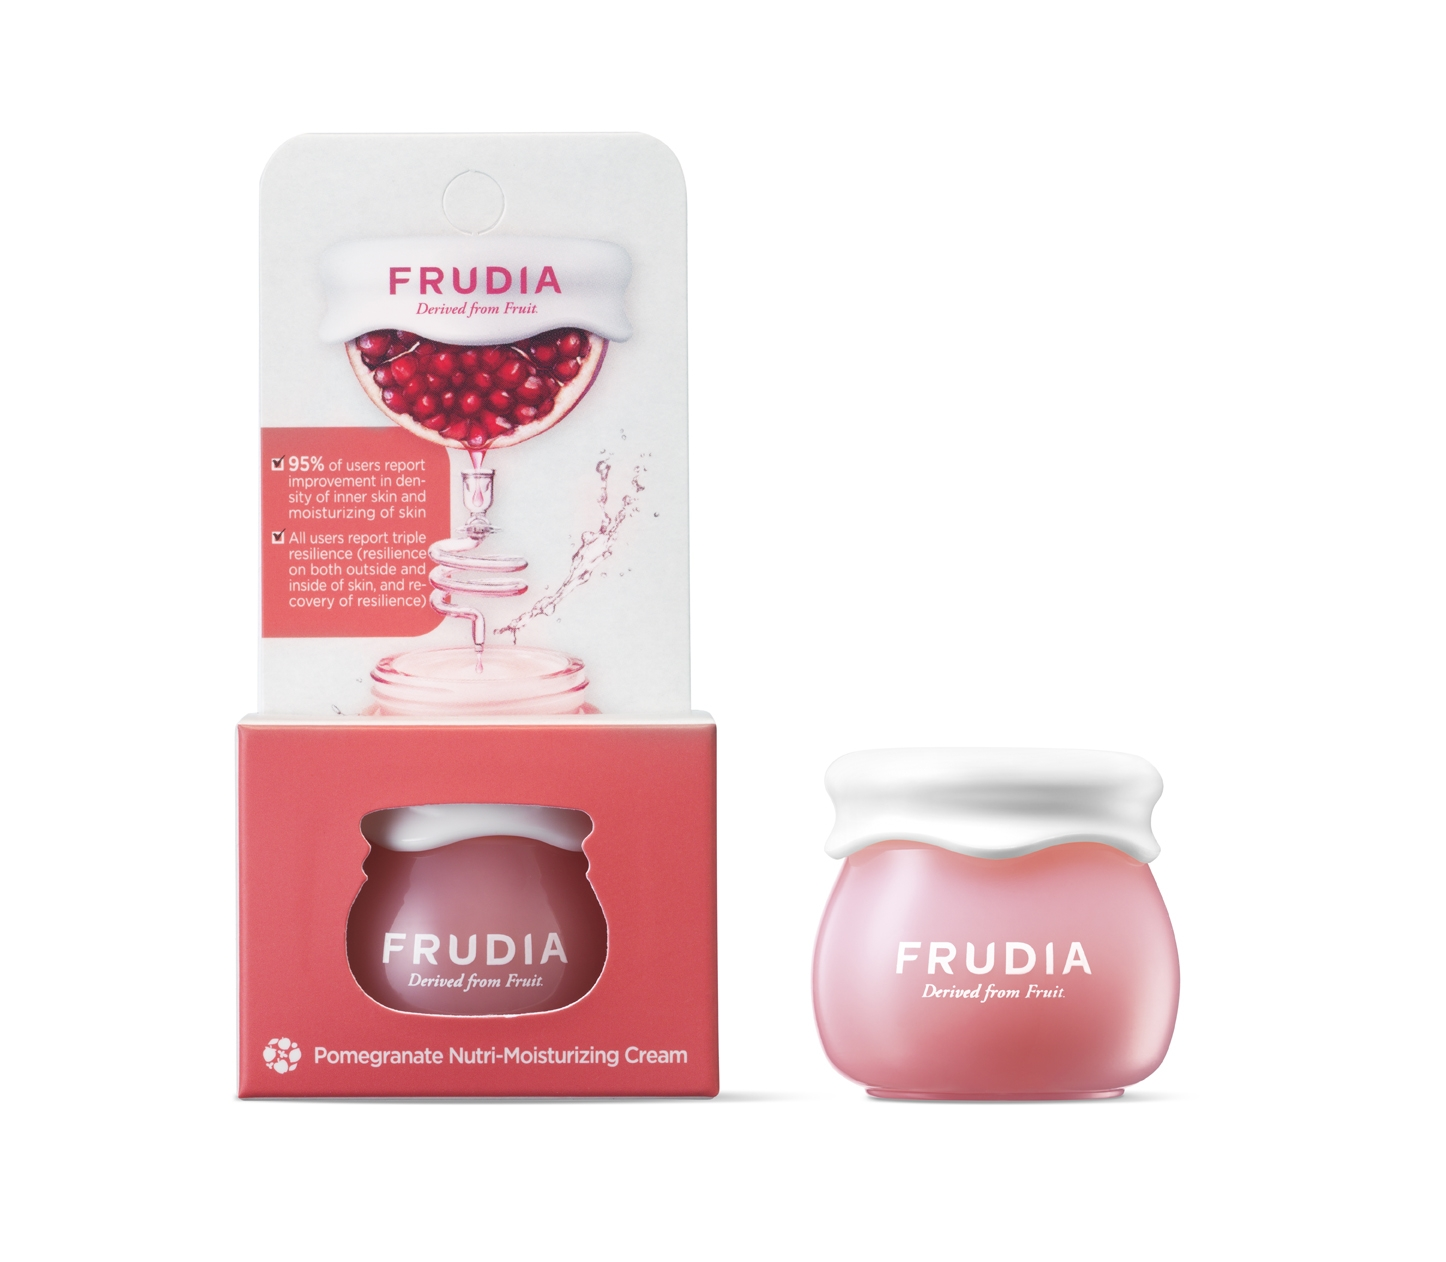 Frudia Крем Pomegranate Nutri-Moisturizing Cream Питательный для Лица с Гранатом Мини, 10г крем с гранатом